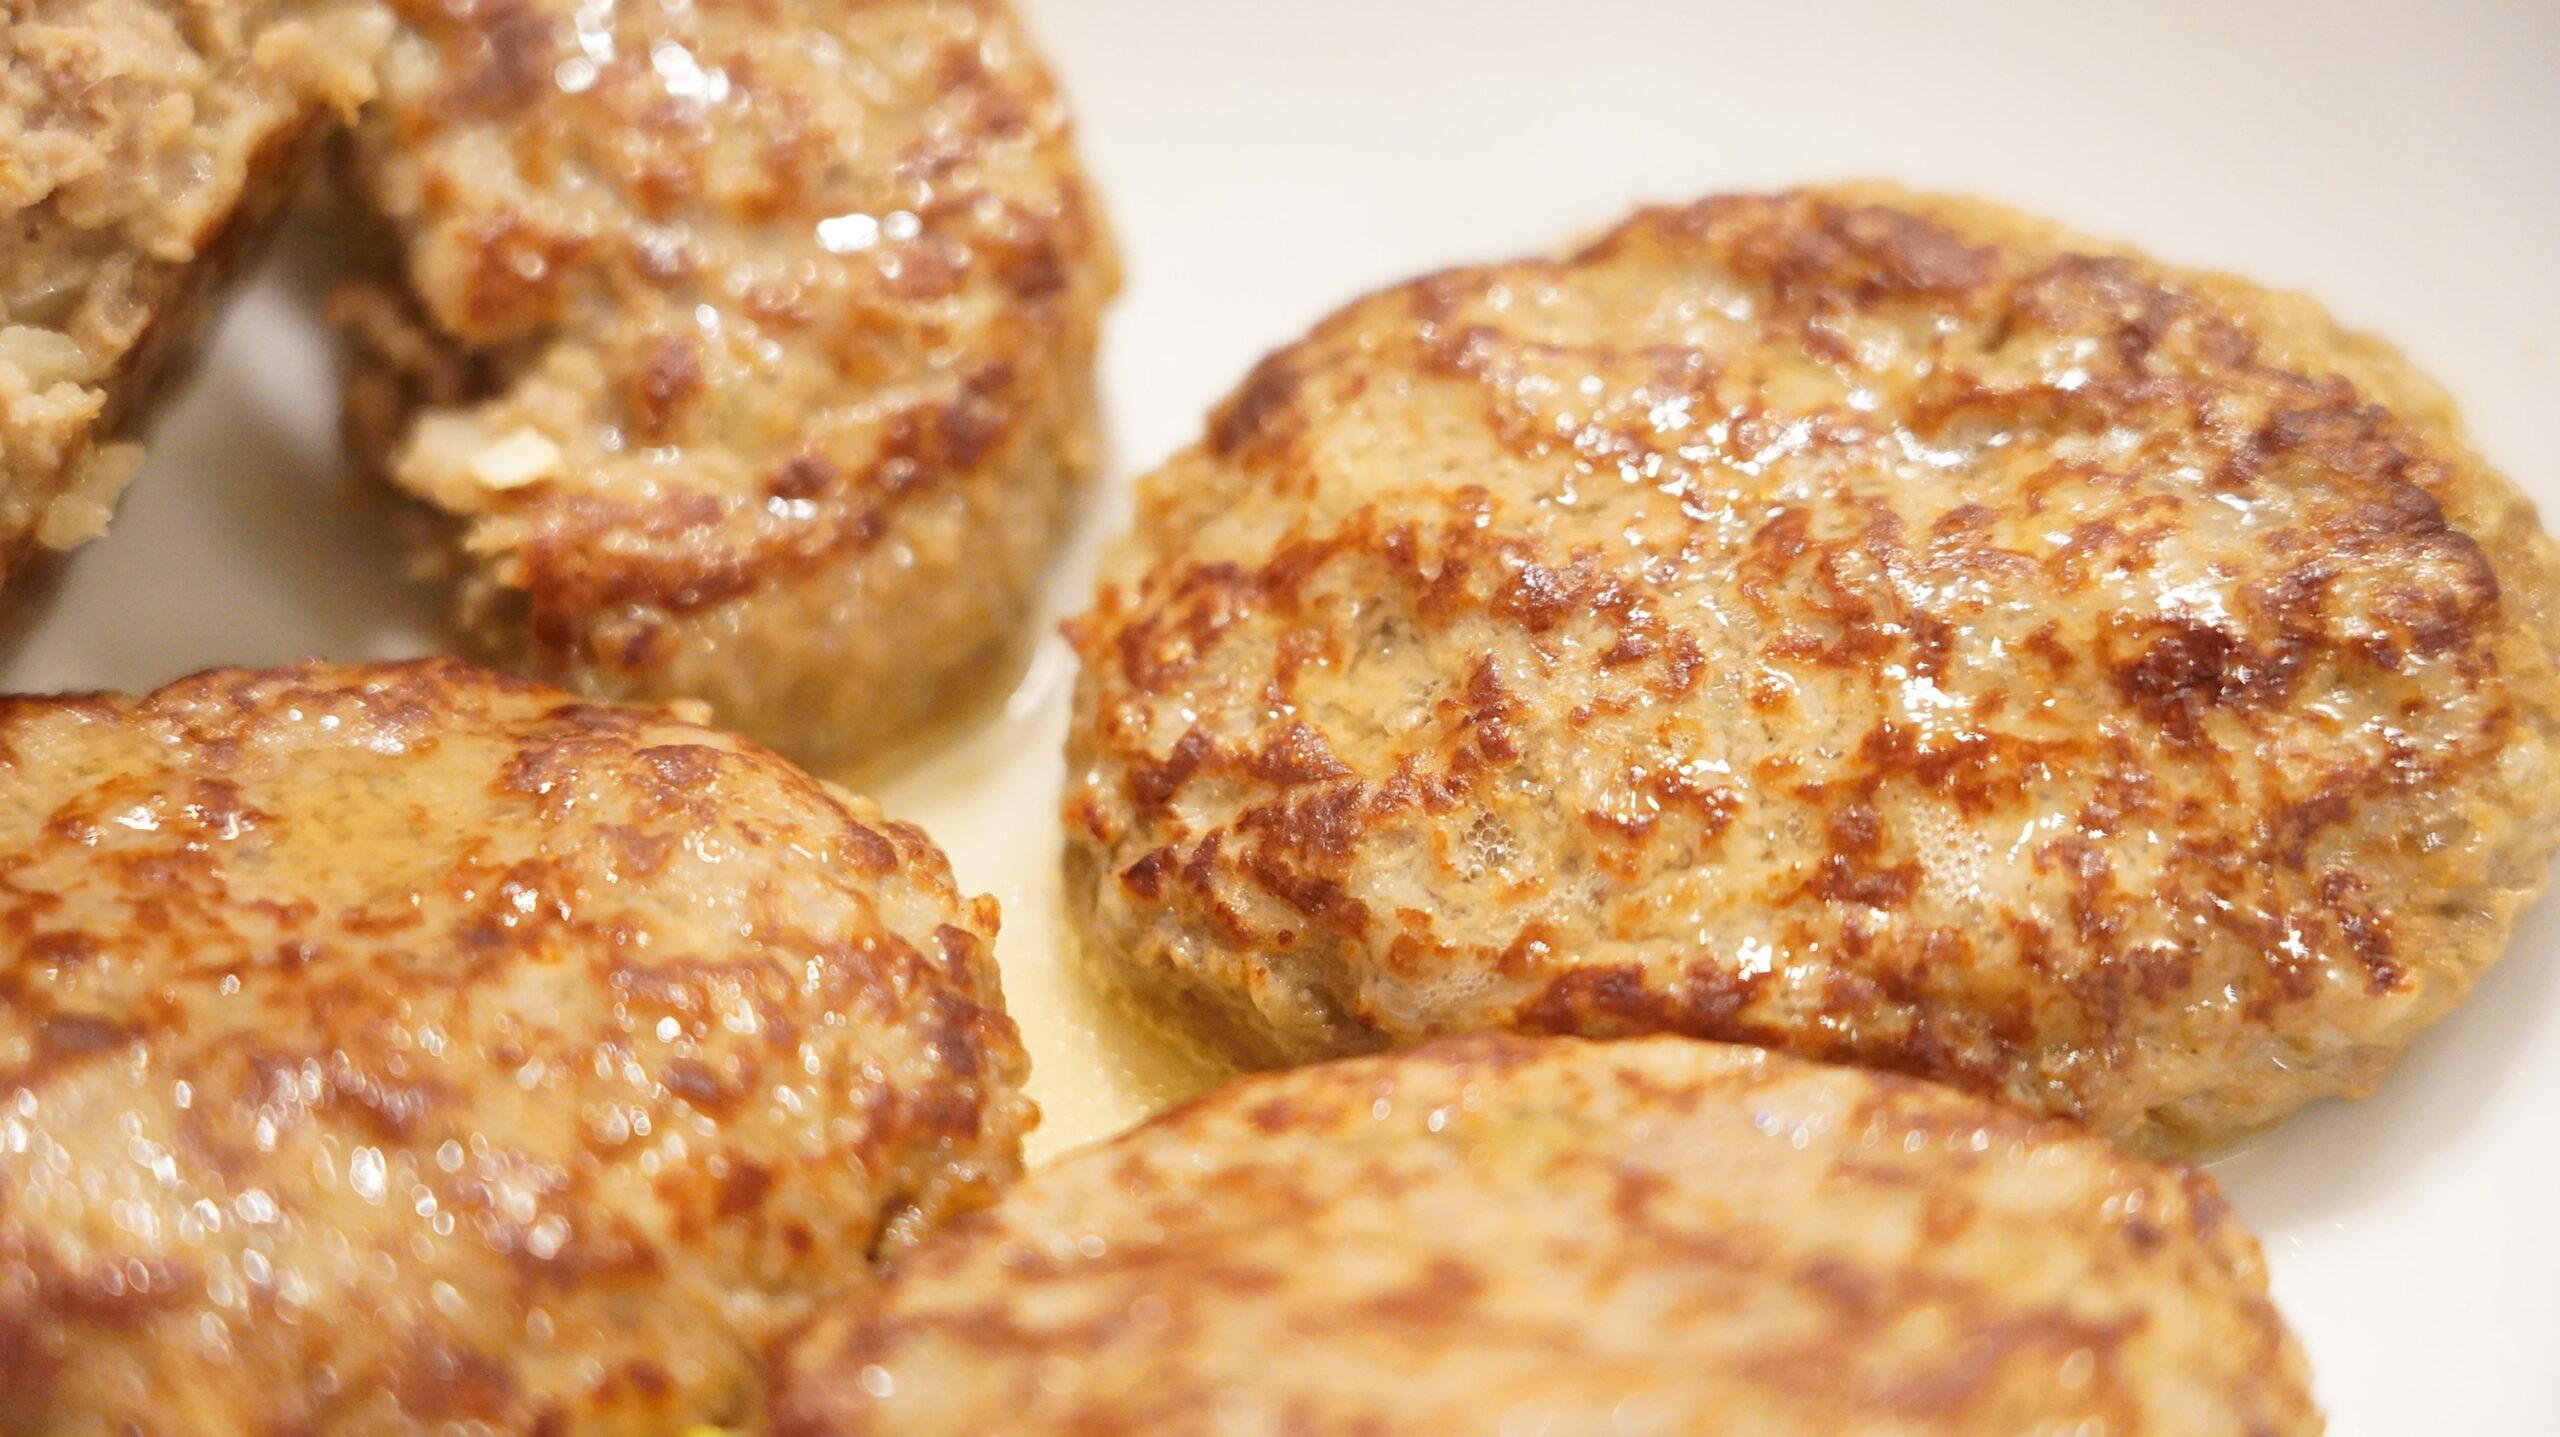 生協宅配の冷凍食品「肉汁じゅわっとハンバーグ」の肉汁の写真